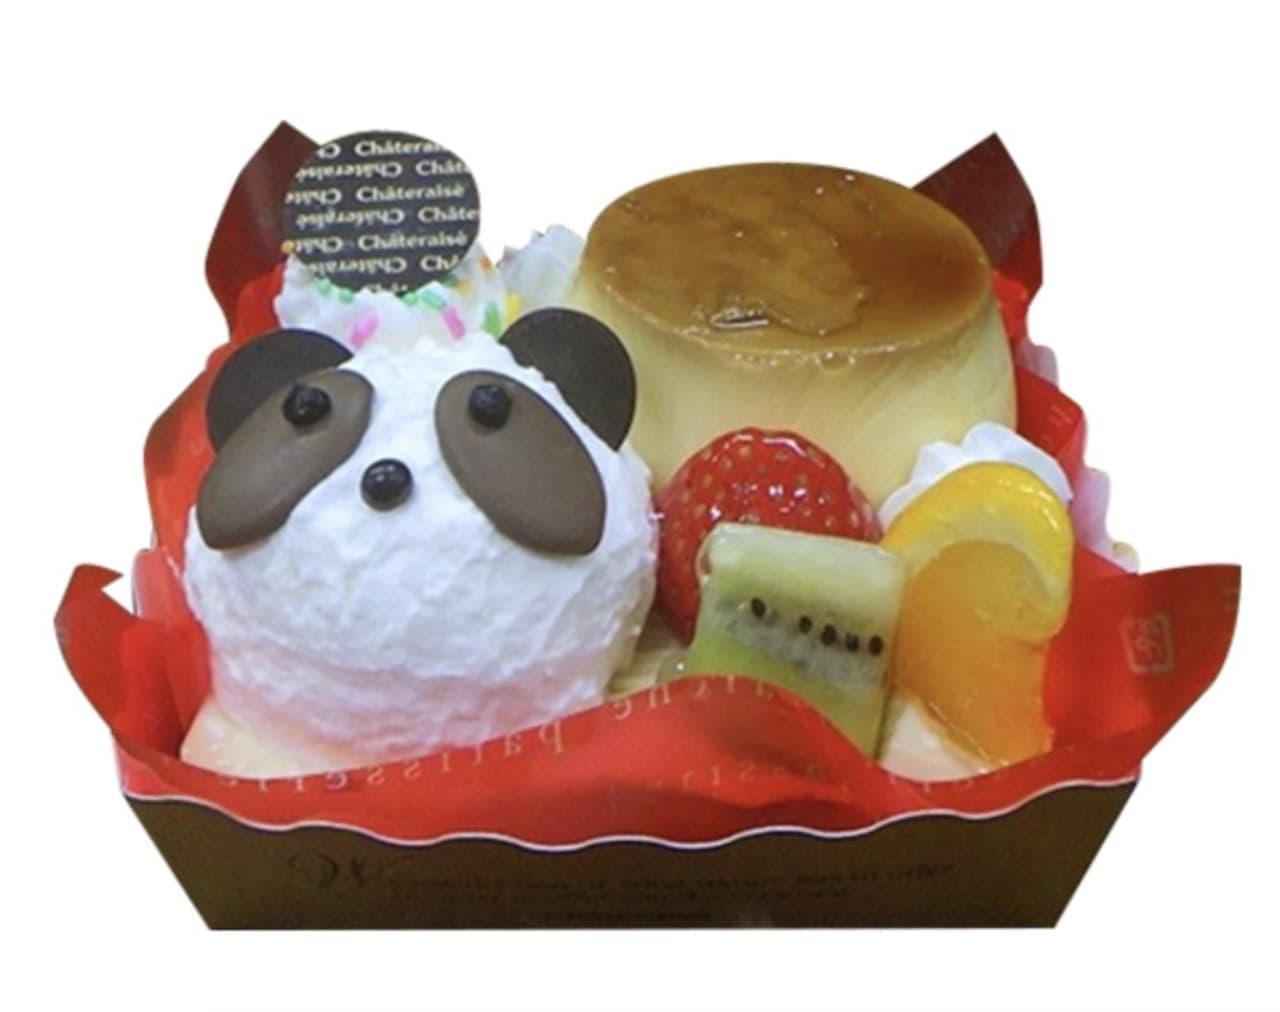 シャトレーゼ「かわいいパンダちゃんのプリンアラモード」